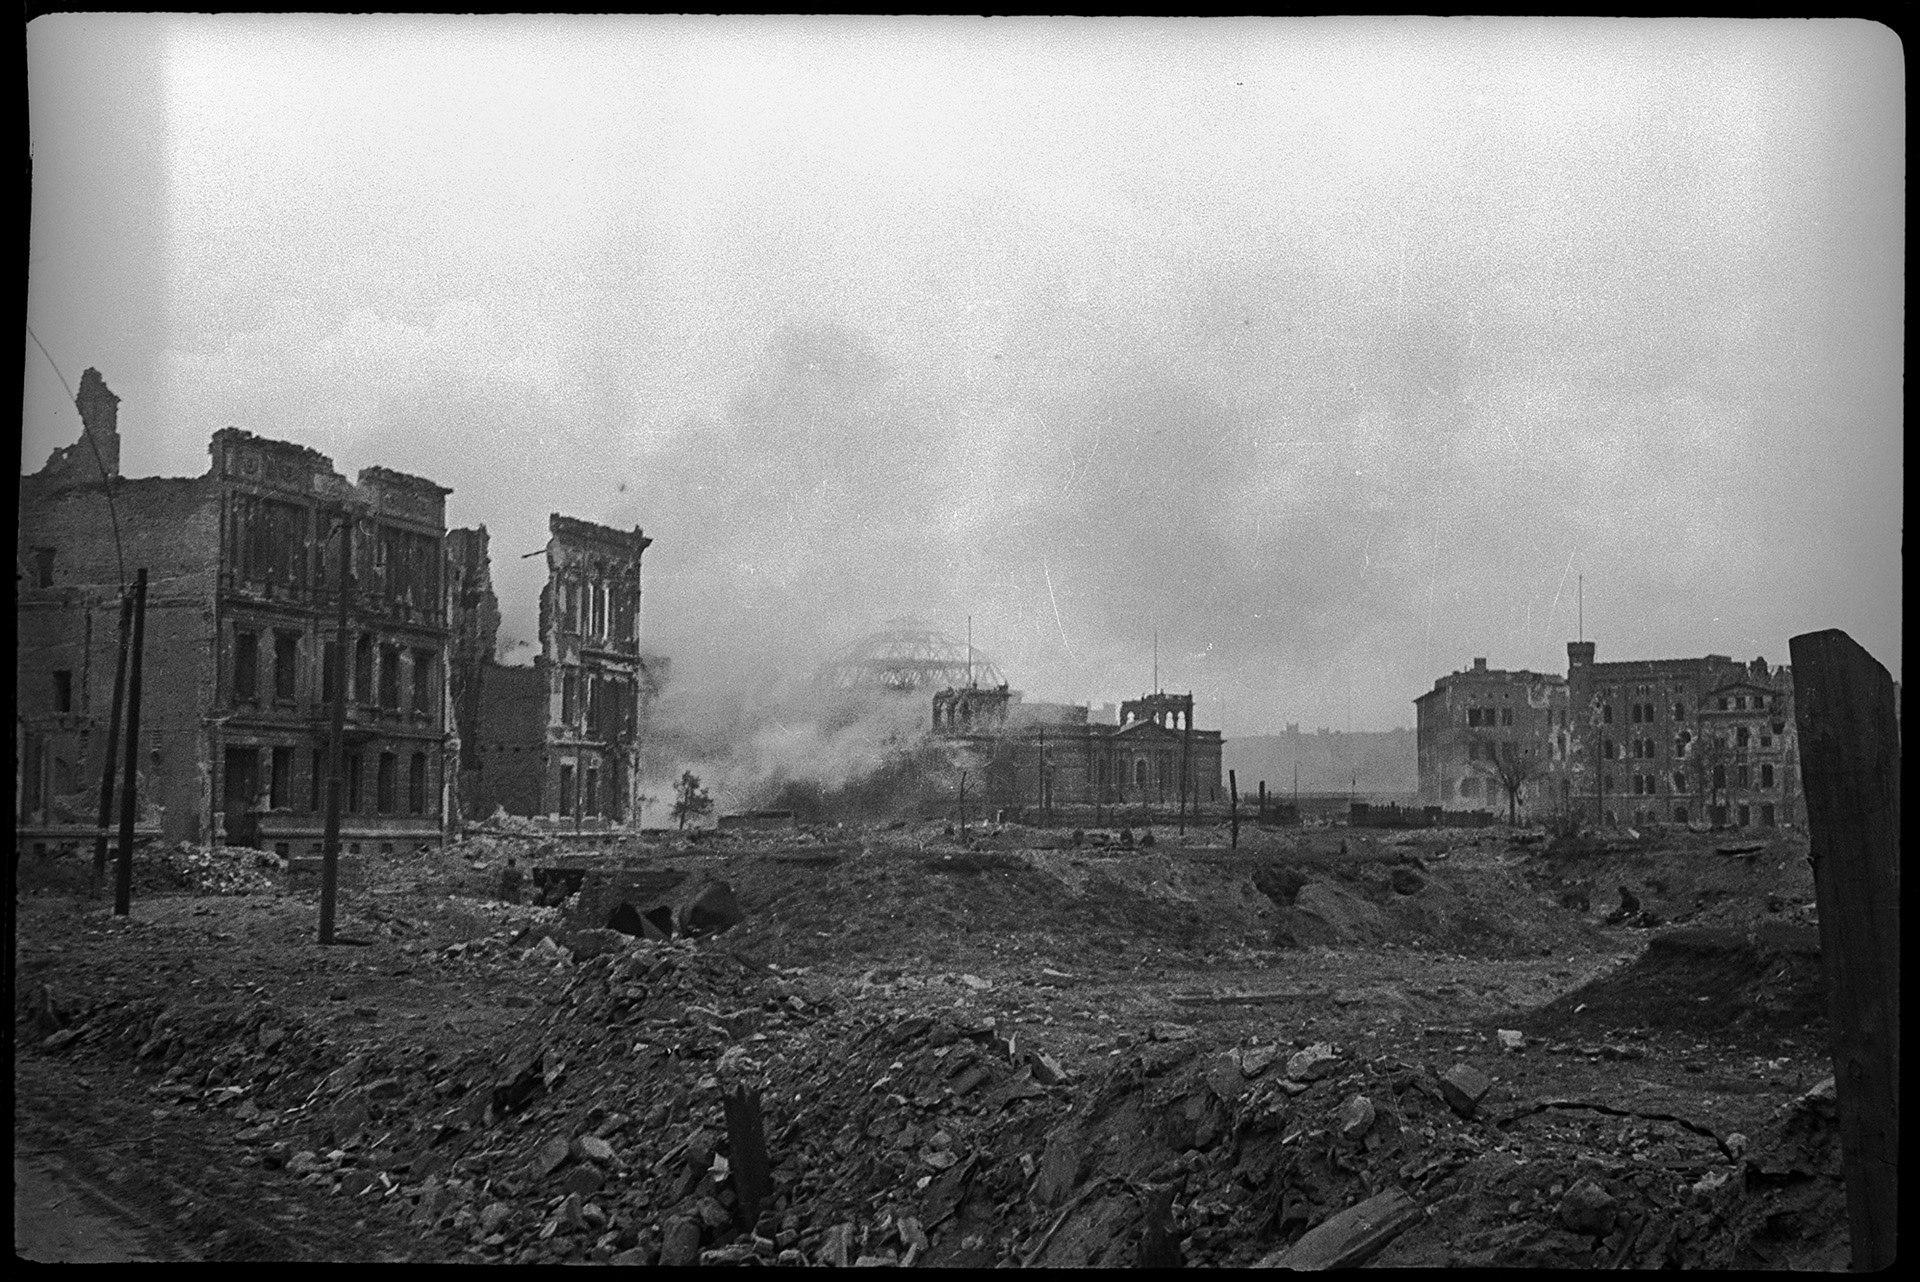 дело фото города в руинах вов процессы